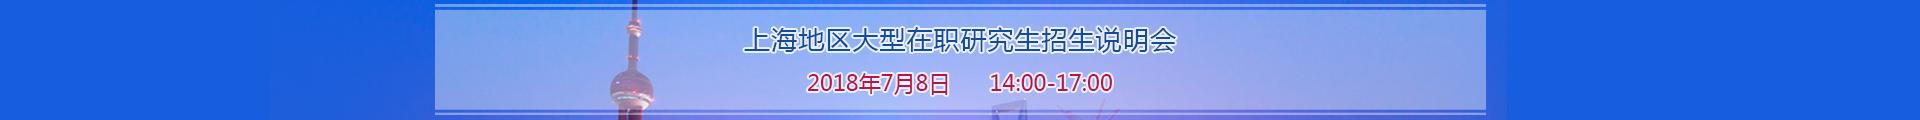 上海地区2017首场在职读研招生说明会